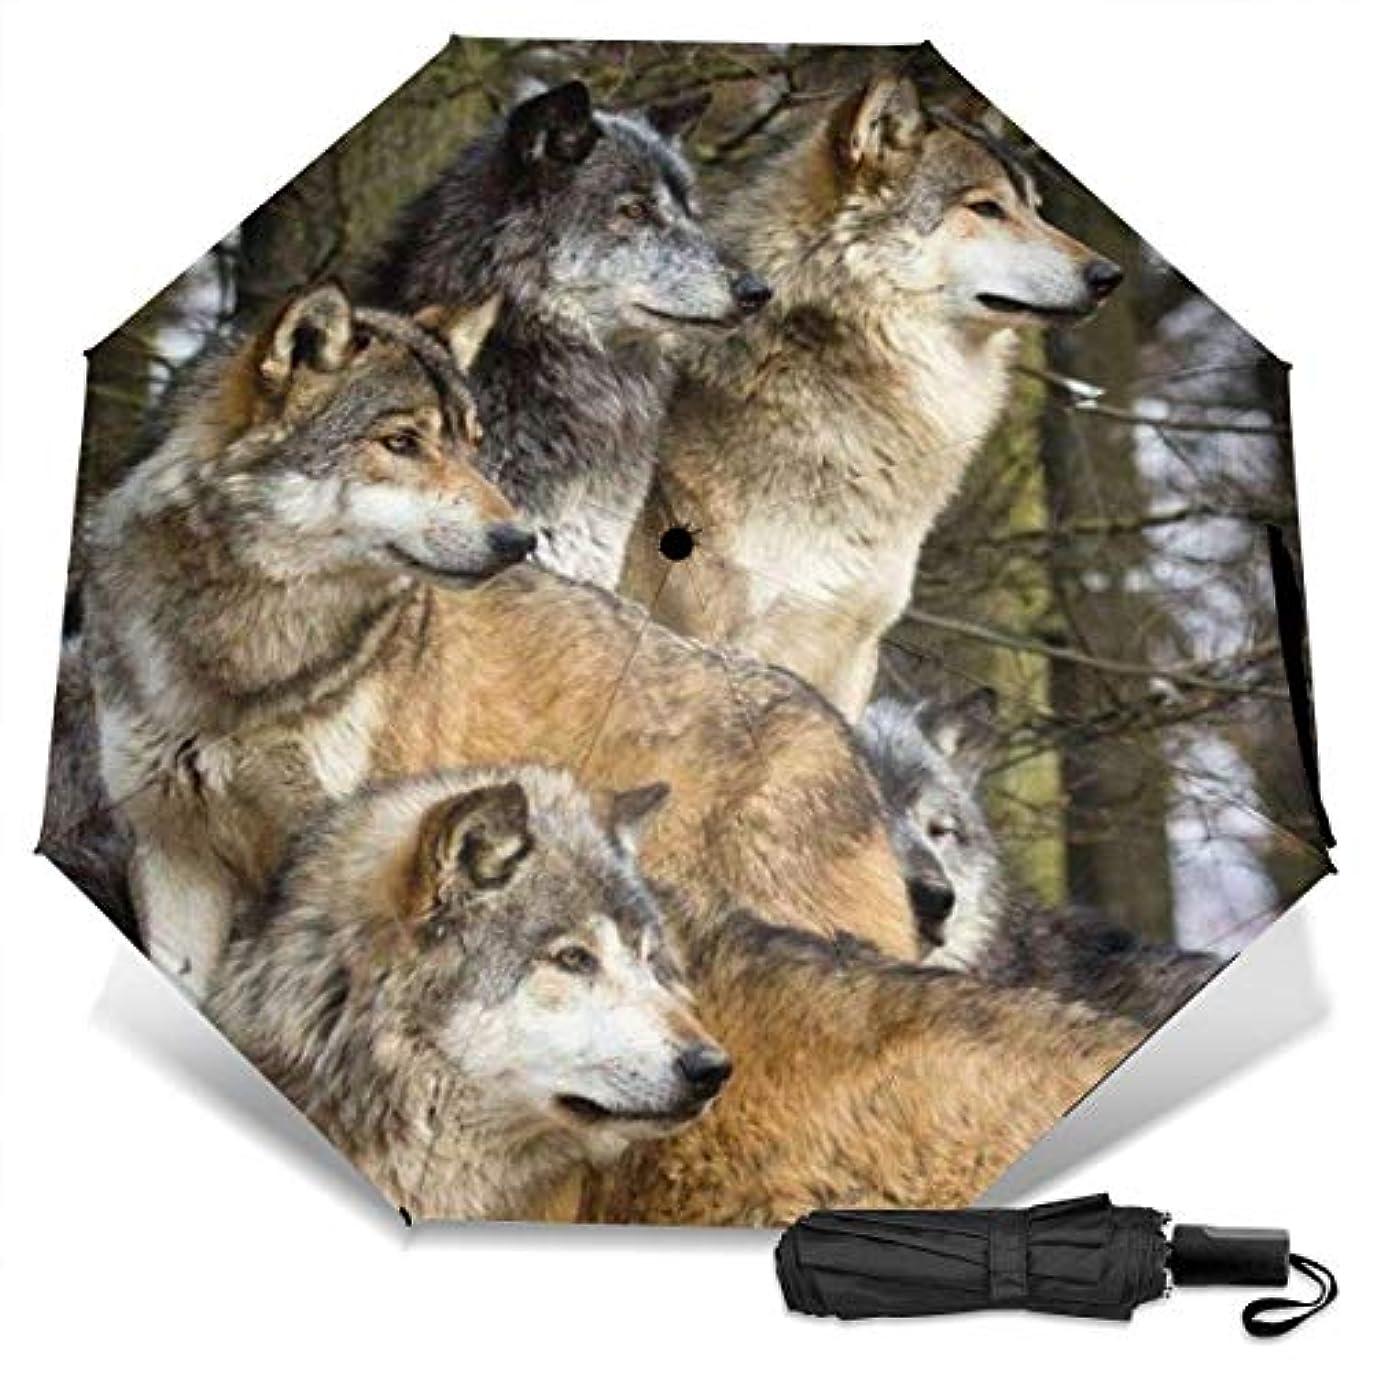 宝石地味な下品狼の野生動物デザインのグループ折りたたみ傘 軽量 手動三つ折り傘 日傘 耐風撥水 晴雨兼用 遮光遮熱 紫外線対策 携帯用かさ 出張旅行通勤 女性と男性用 (黒ゴム)